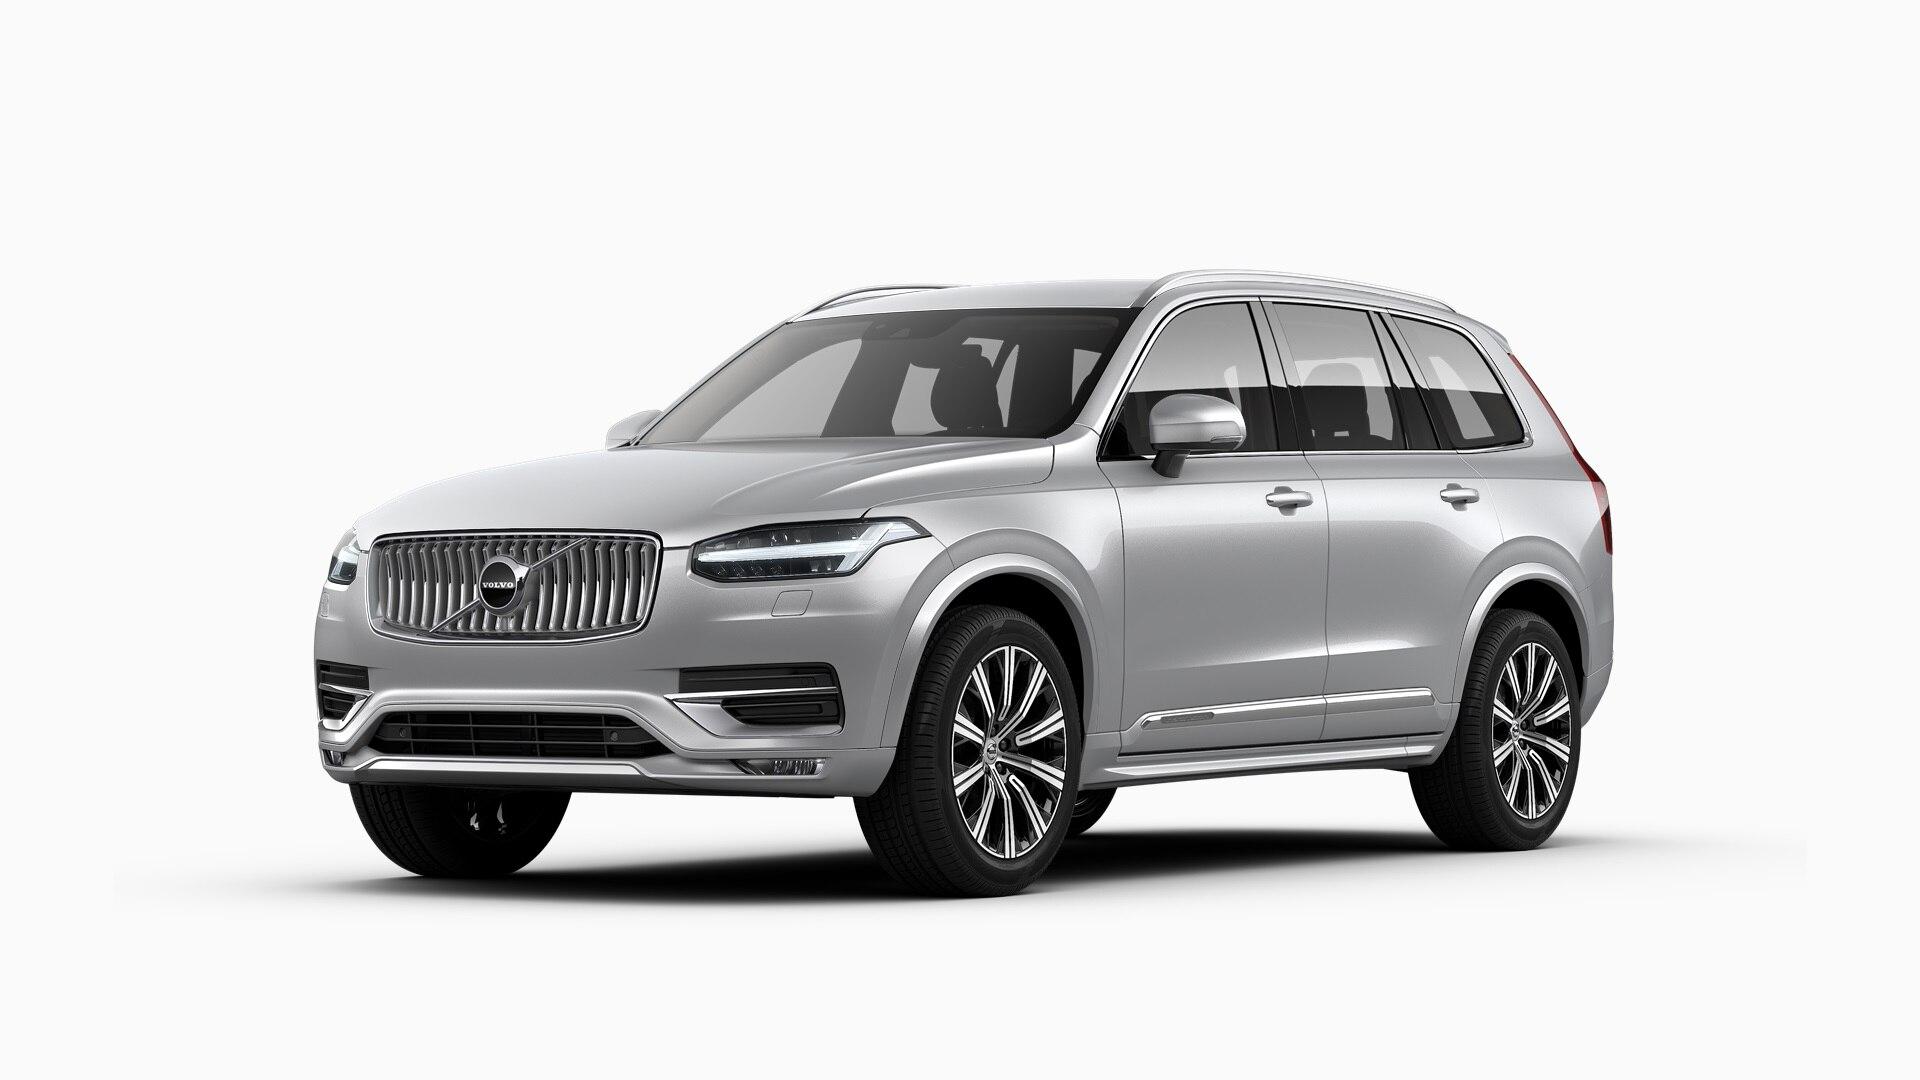 Volvo XC90 autoliising | Sixt Leasing